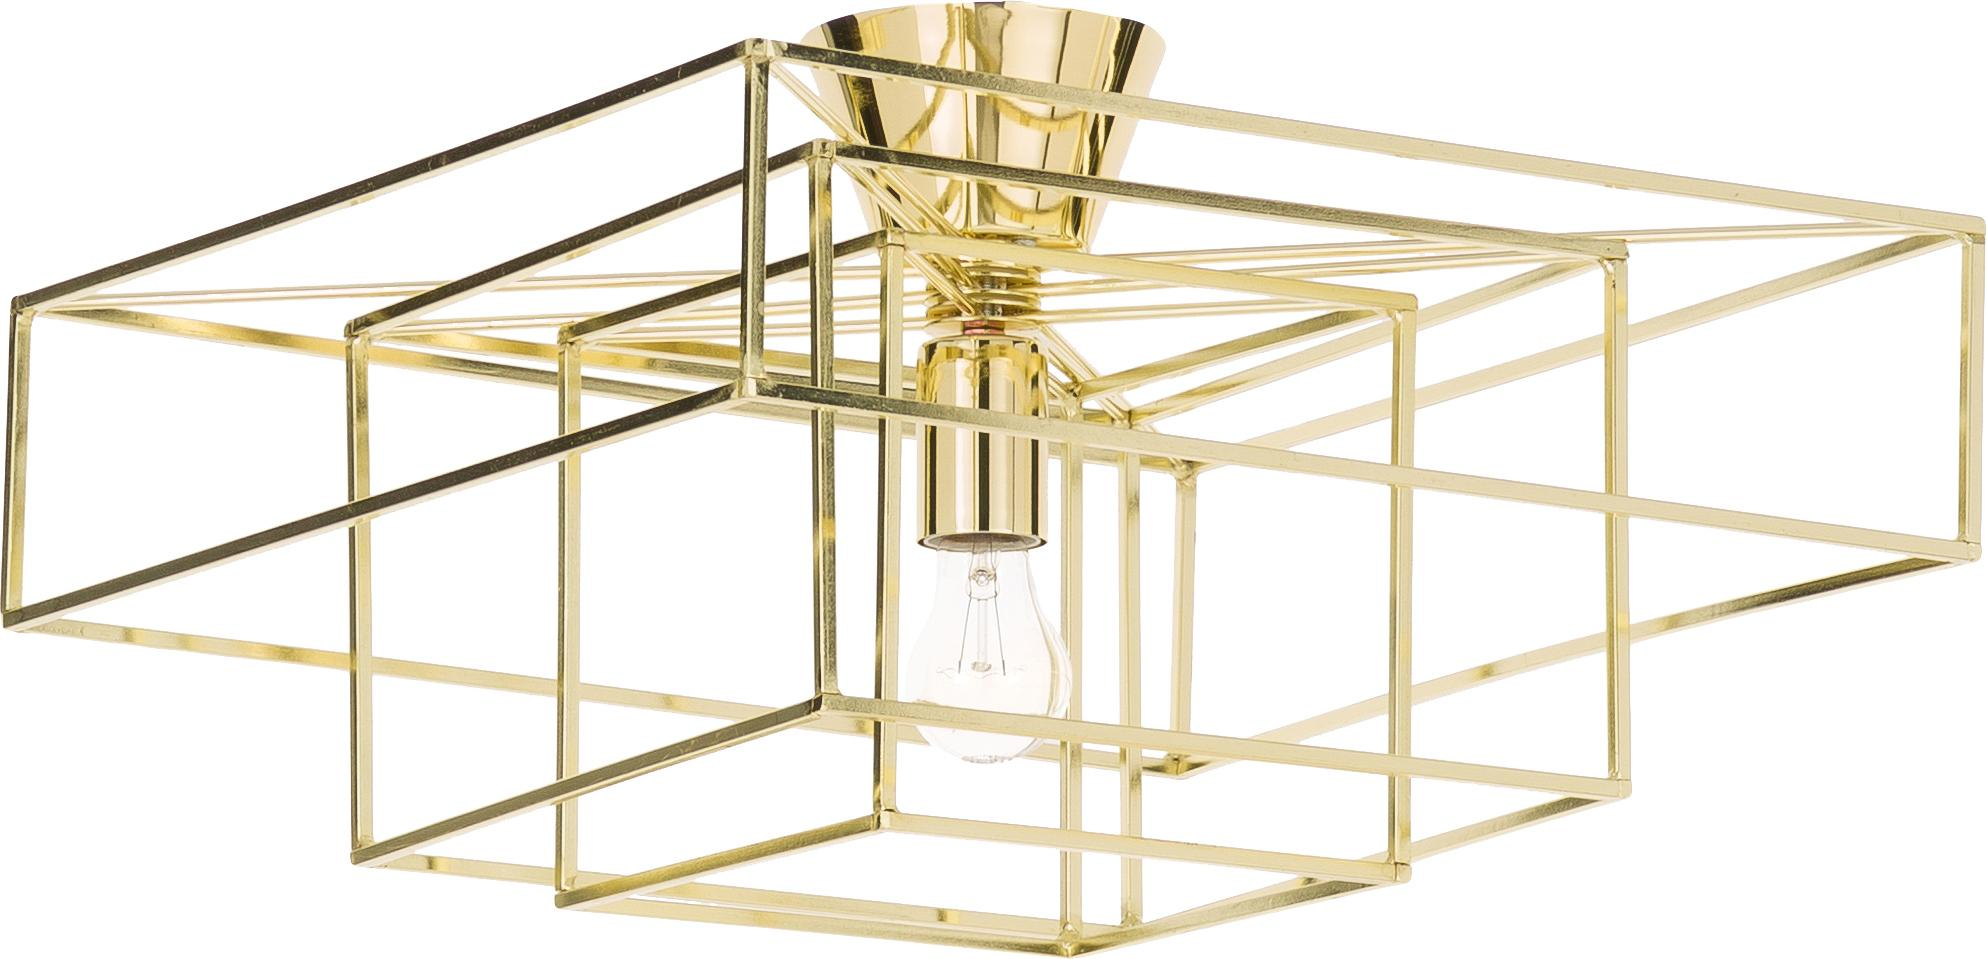 Deckenleuchte Cube in Gold, Messing, lackiert, Goldfarben, 46 x 27 cm